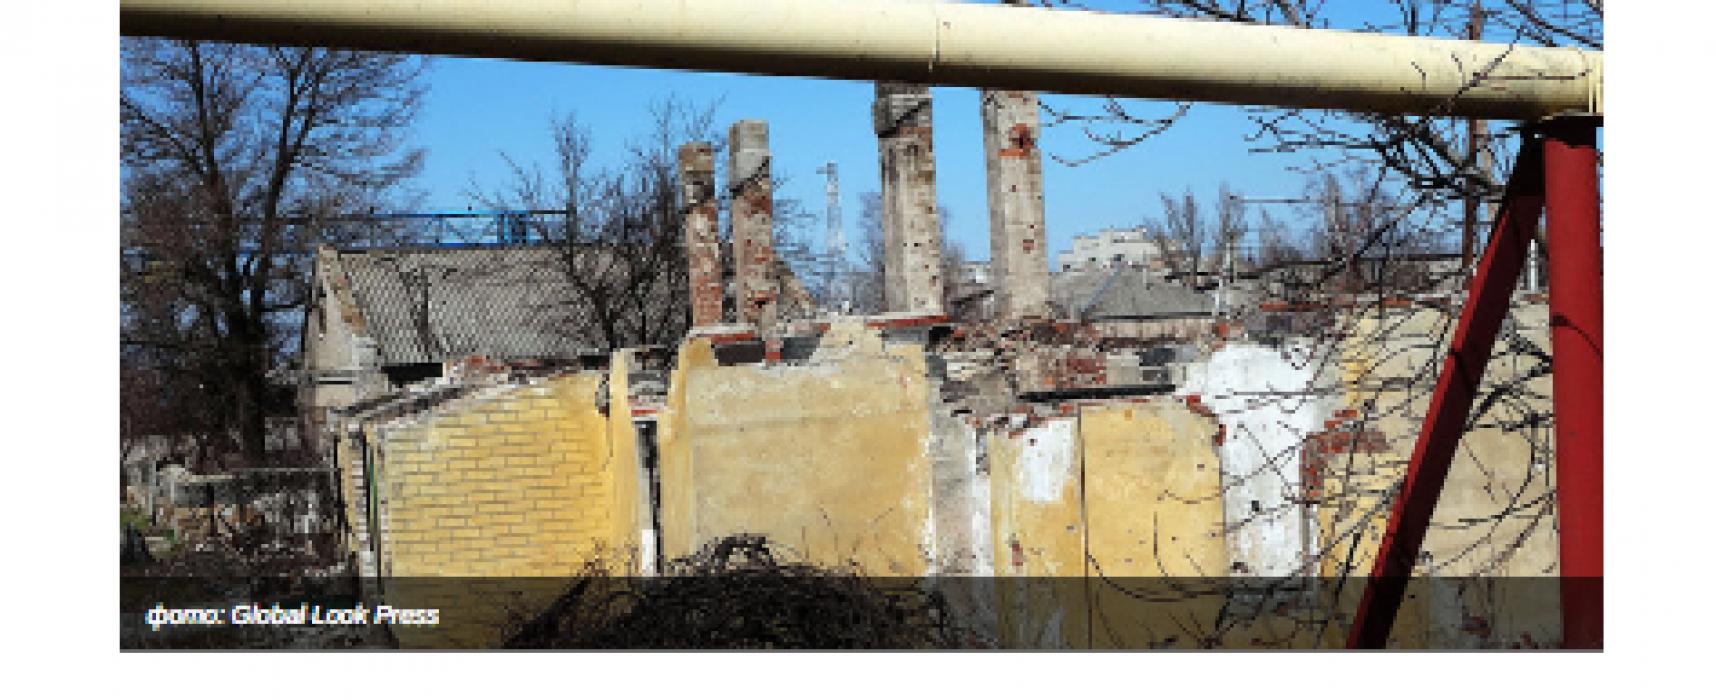 Falso: Servicios secretos de Ucrania secuestran y torturan a las mujeres del Donbás